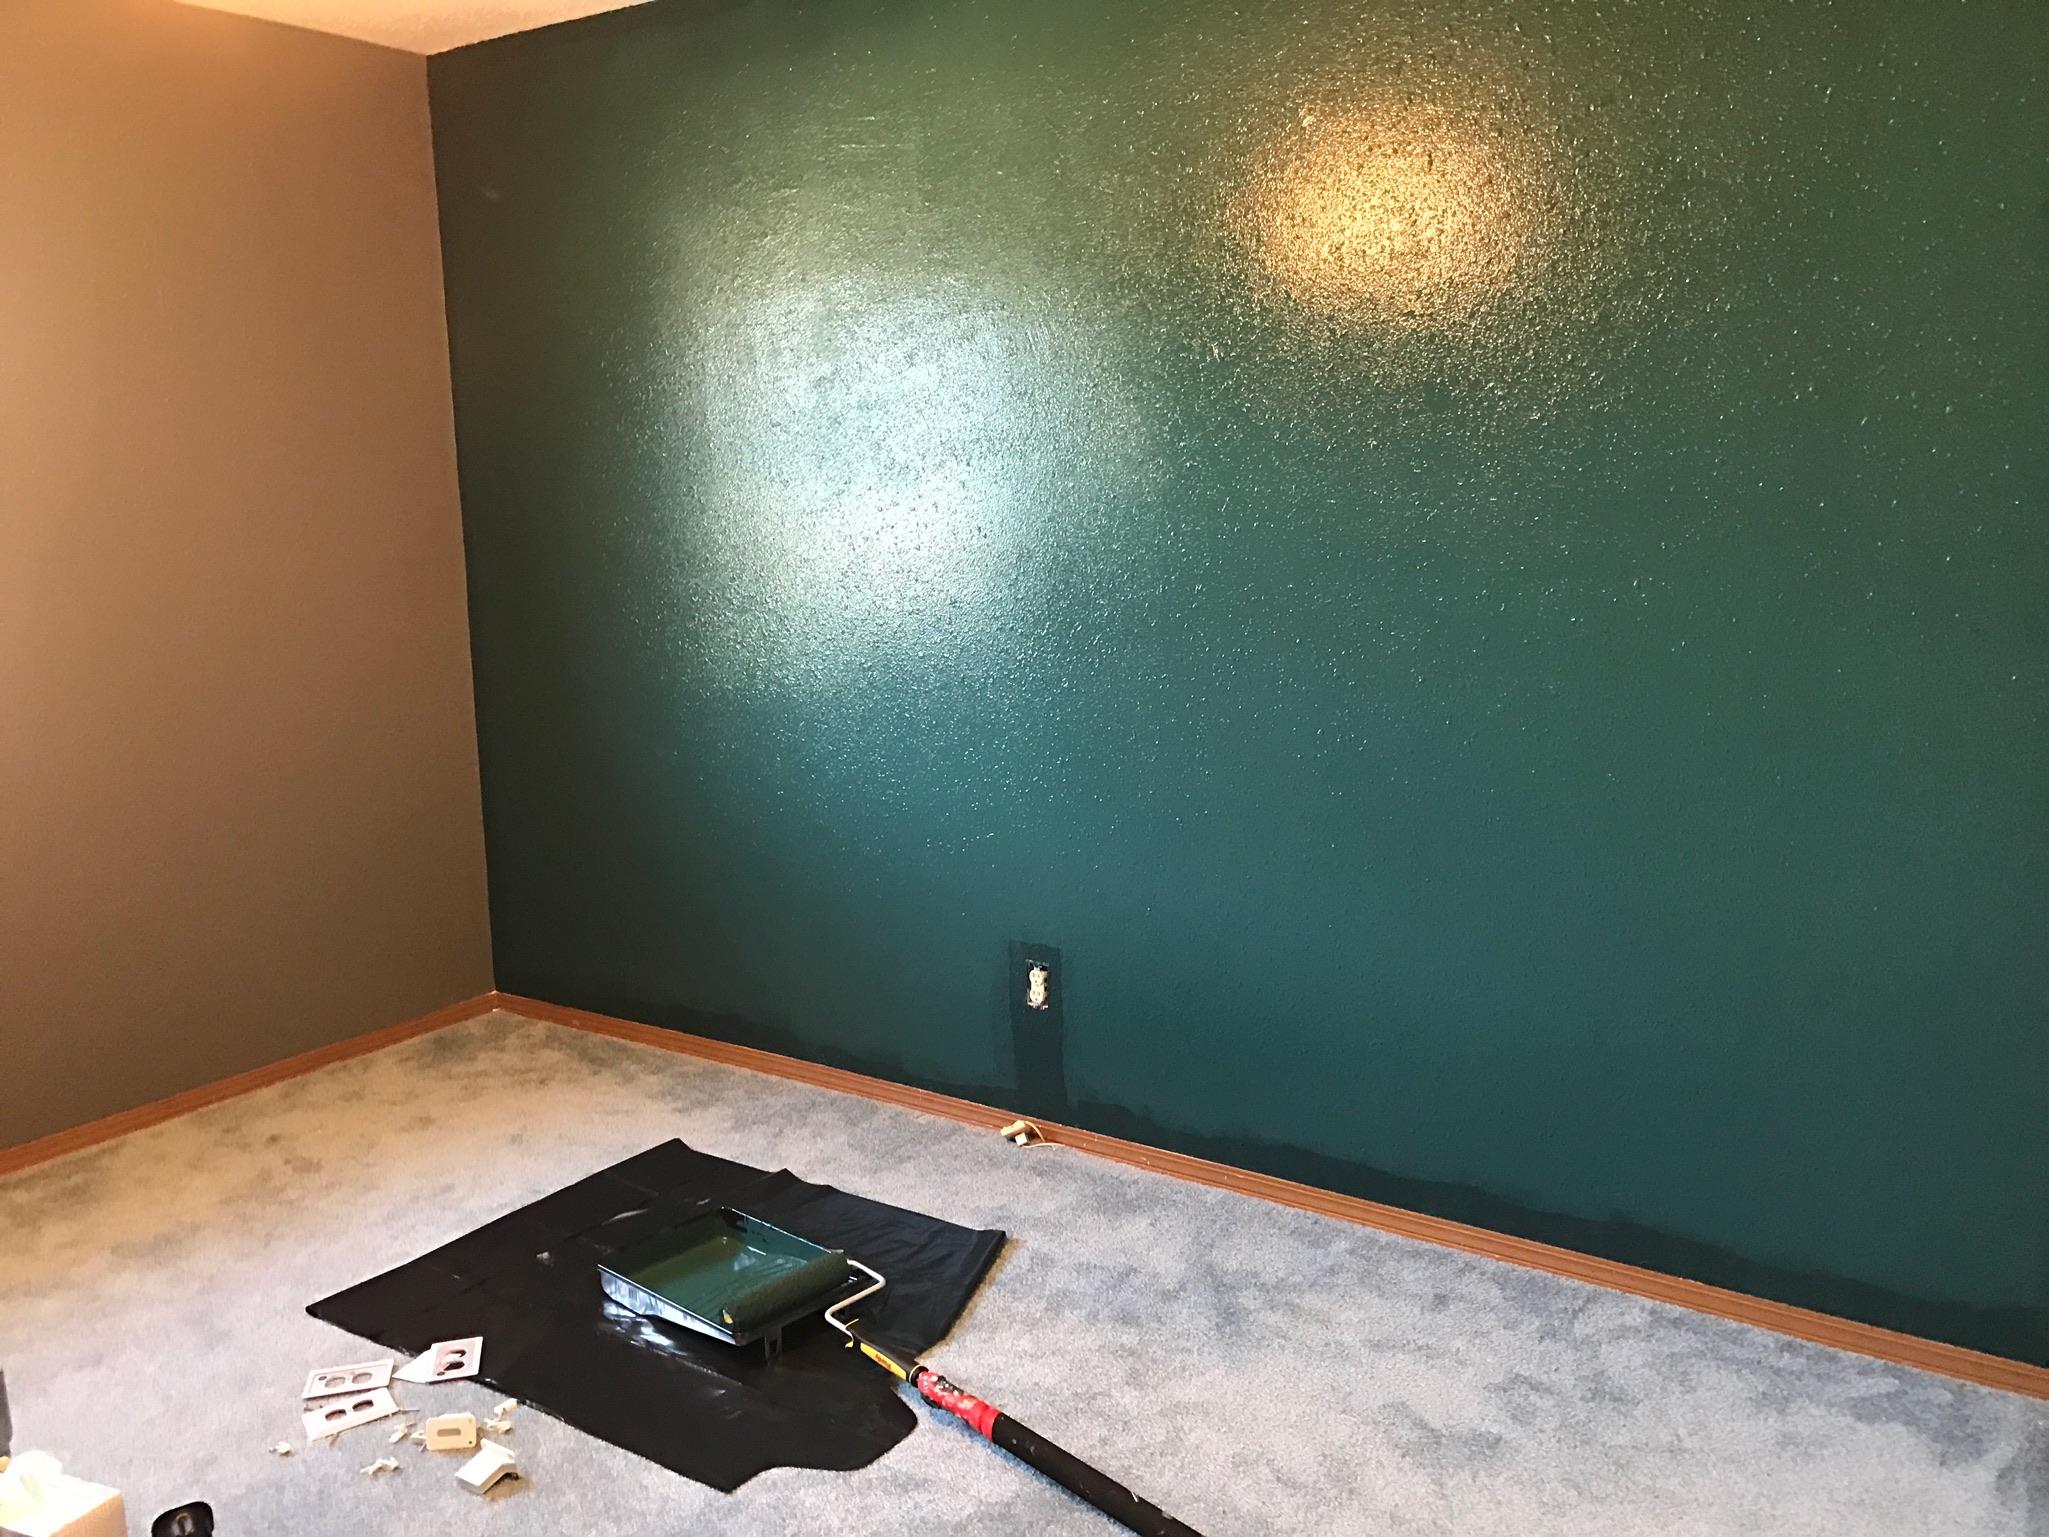 Missy_Robbs_GDP_Home_Office_Painting_3.JPG